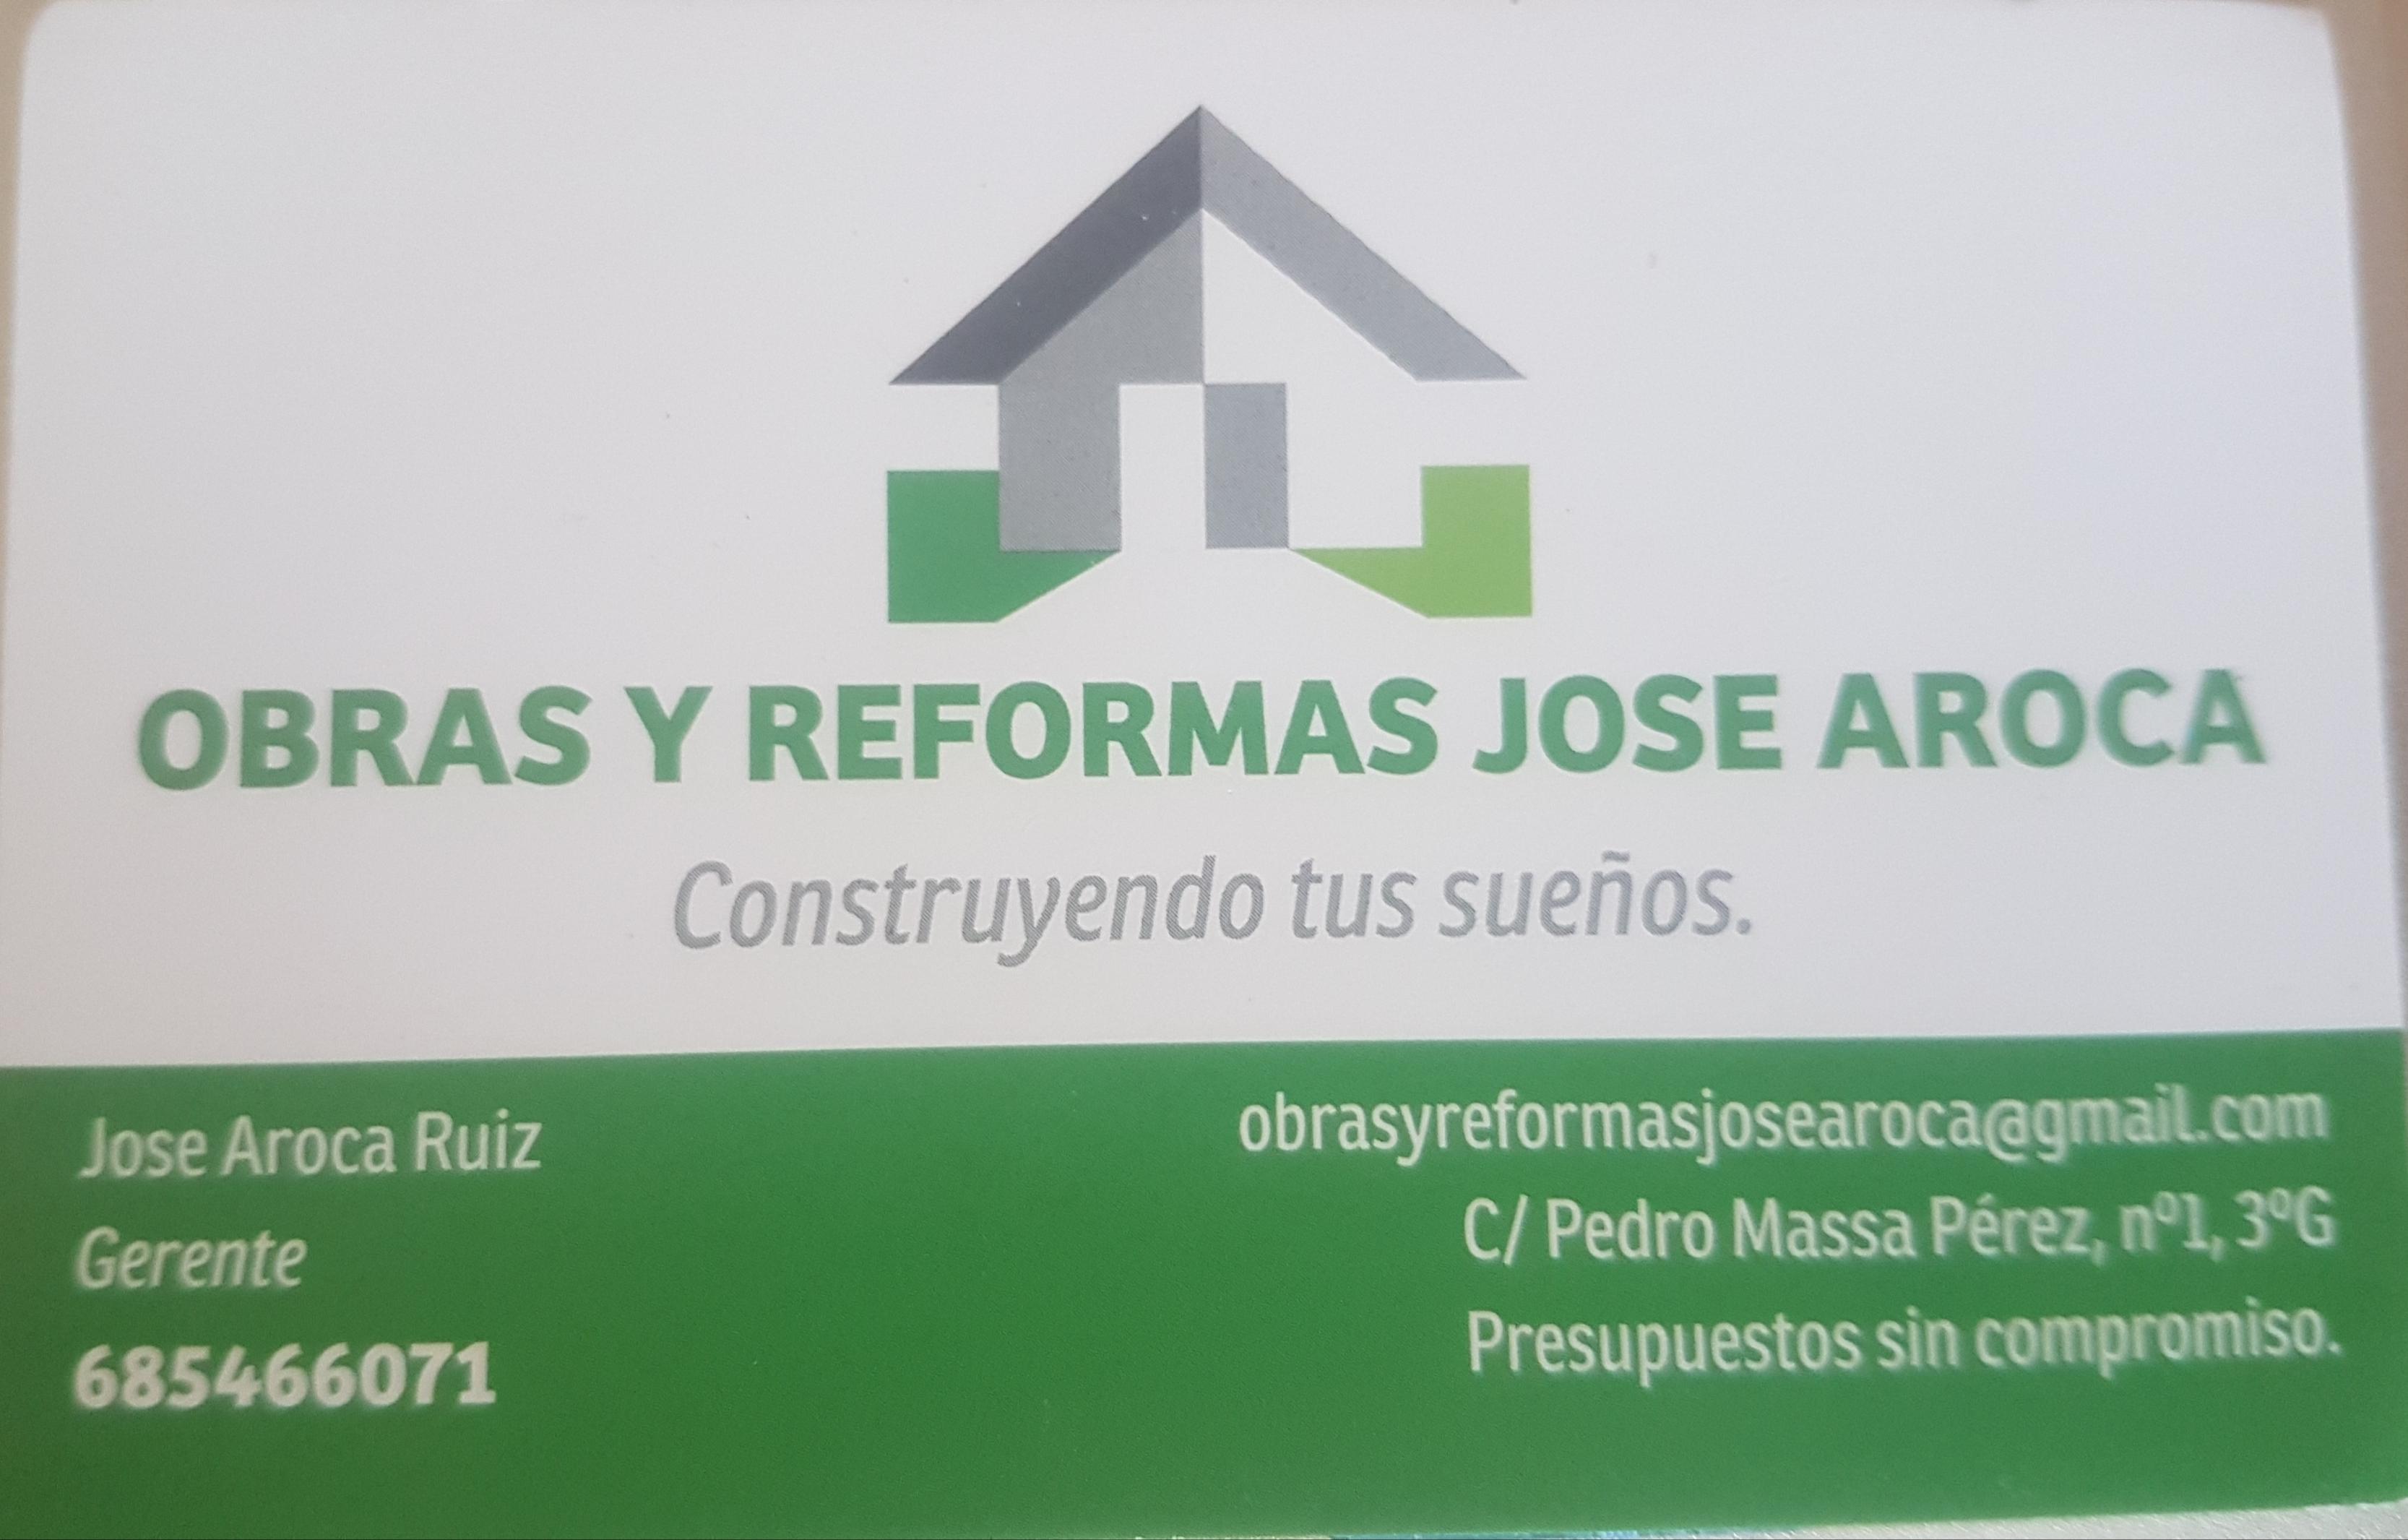 Obras y Reformas Jose Aroca